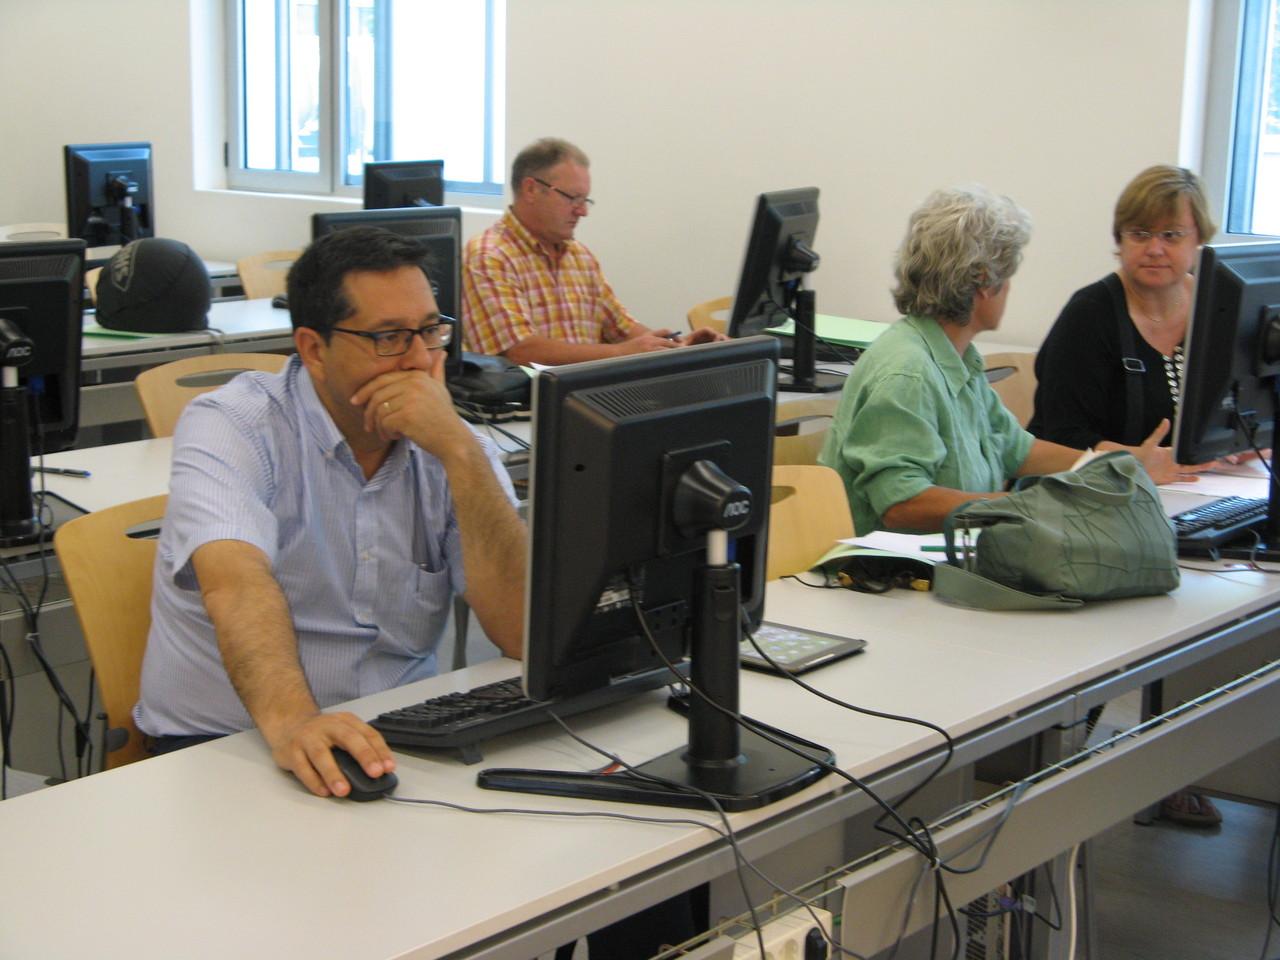 En els grups de discussió es va presentar el prototip amb un primer assortiment de recursos docents enviats pels professors